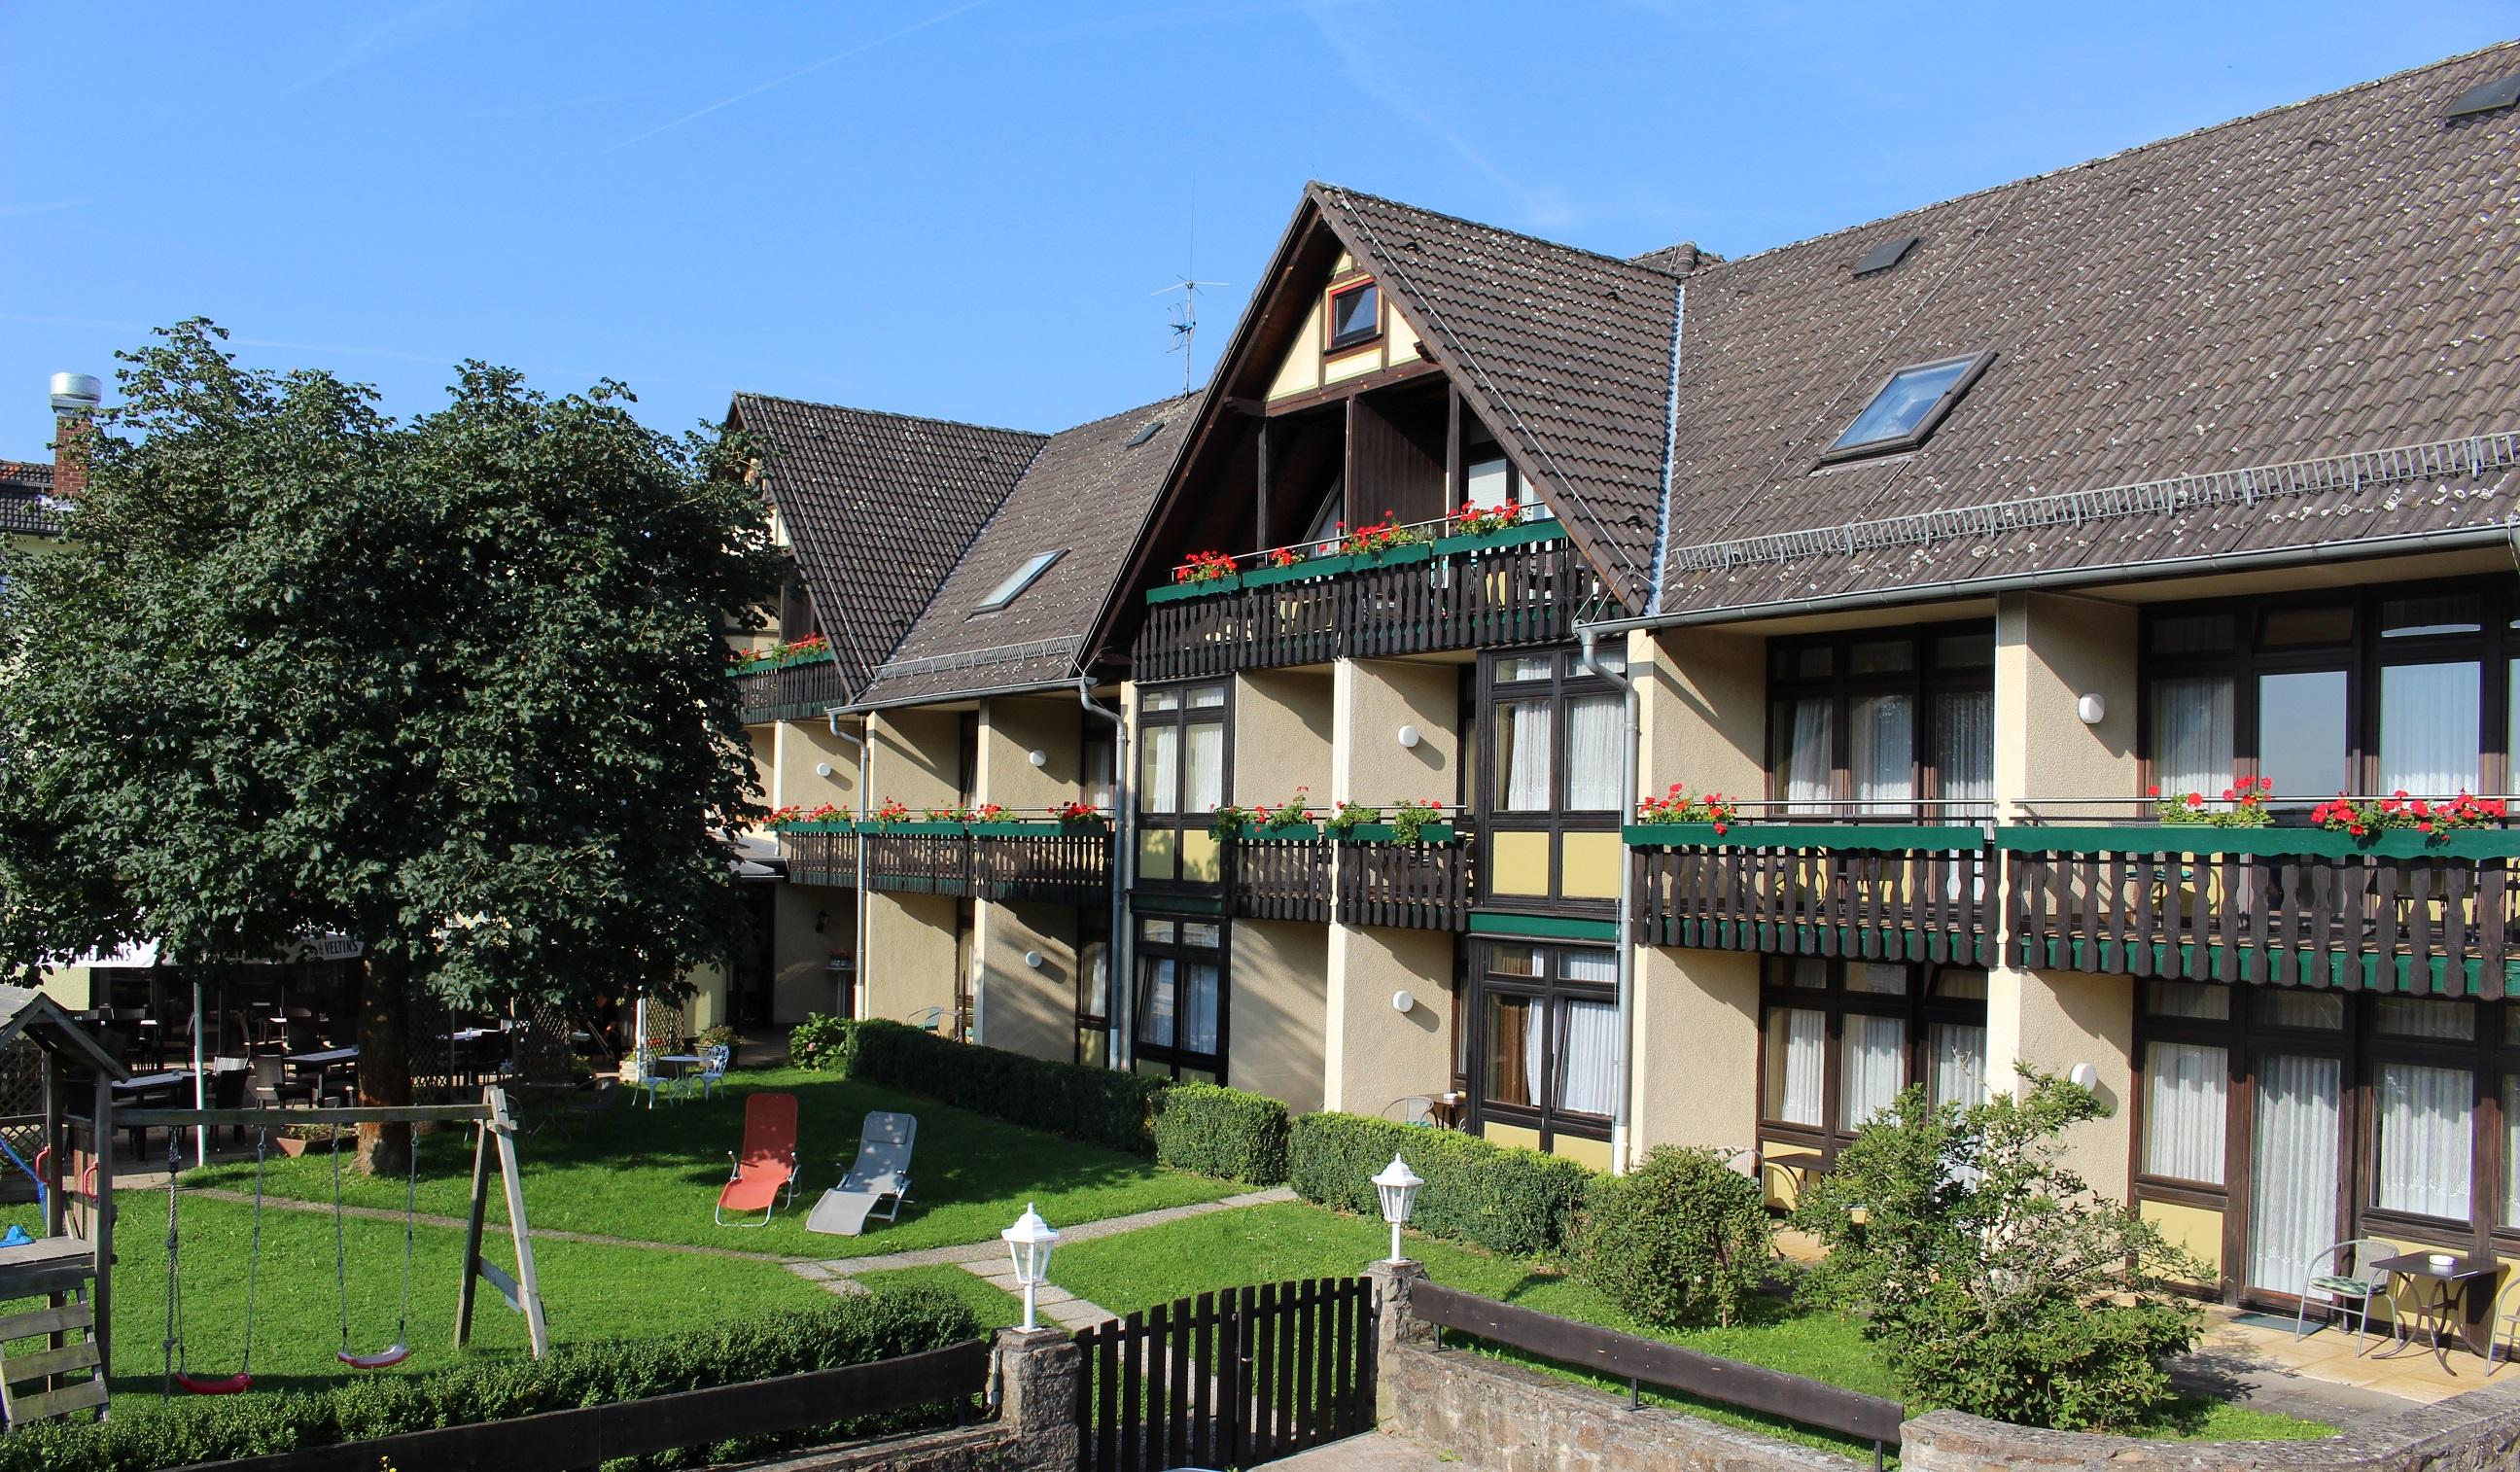 Aktiv-Wochenende im Rotkäppchenland | Landhotel Combecher